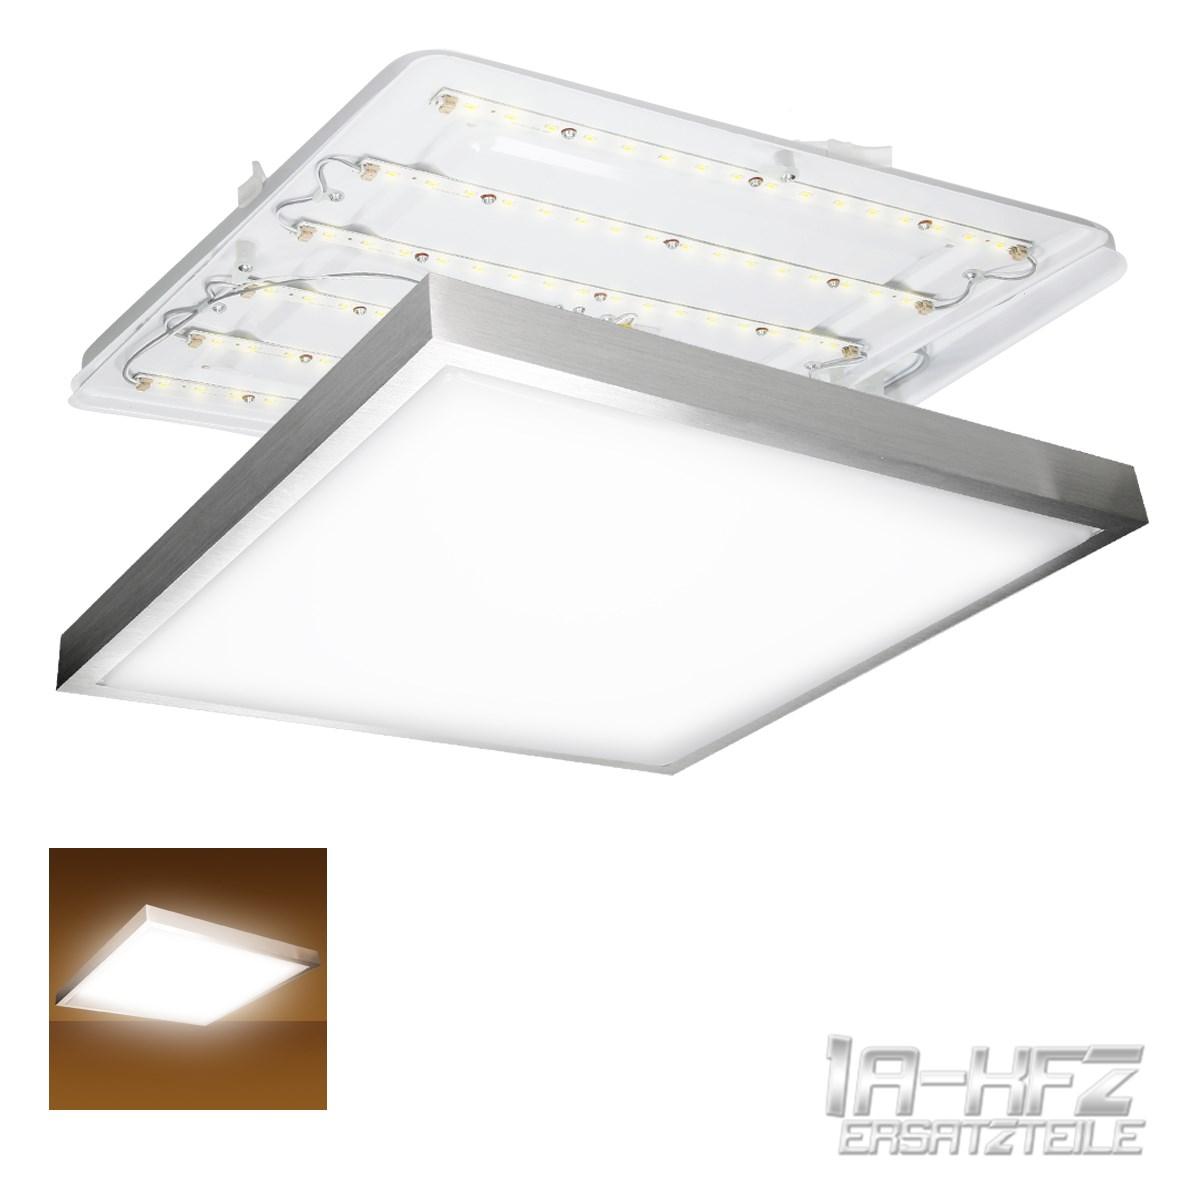 Led deckenleuchte lampe deckenlicht panel licht 36w eckig for Led deckenlicht